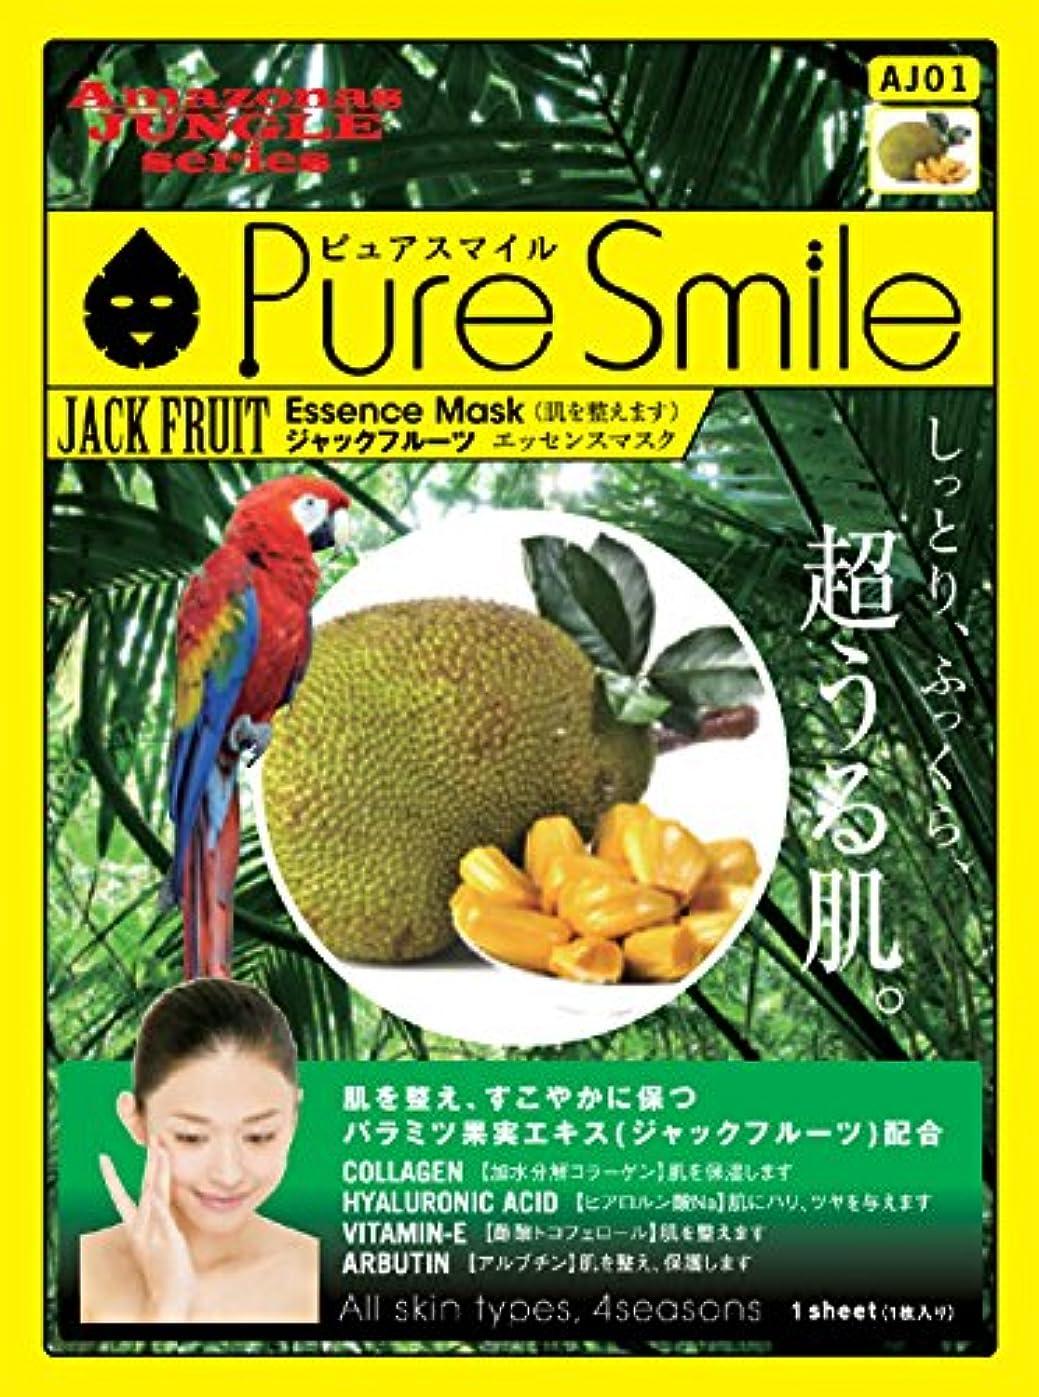 失態便利さ経営者Pure Smile エッセンスマスク ジャックフルーツ 23ml?30枚